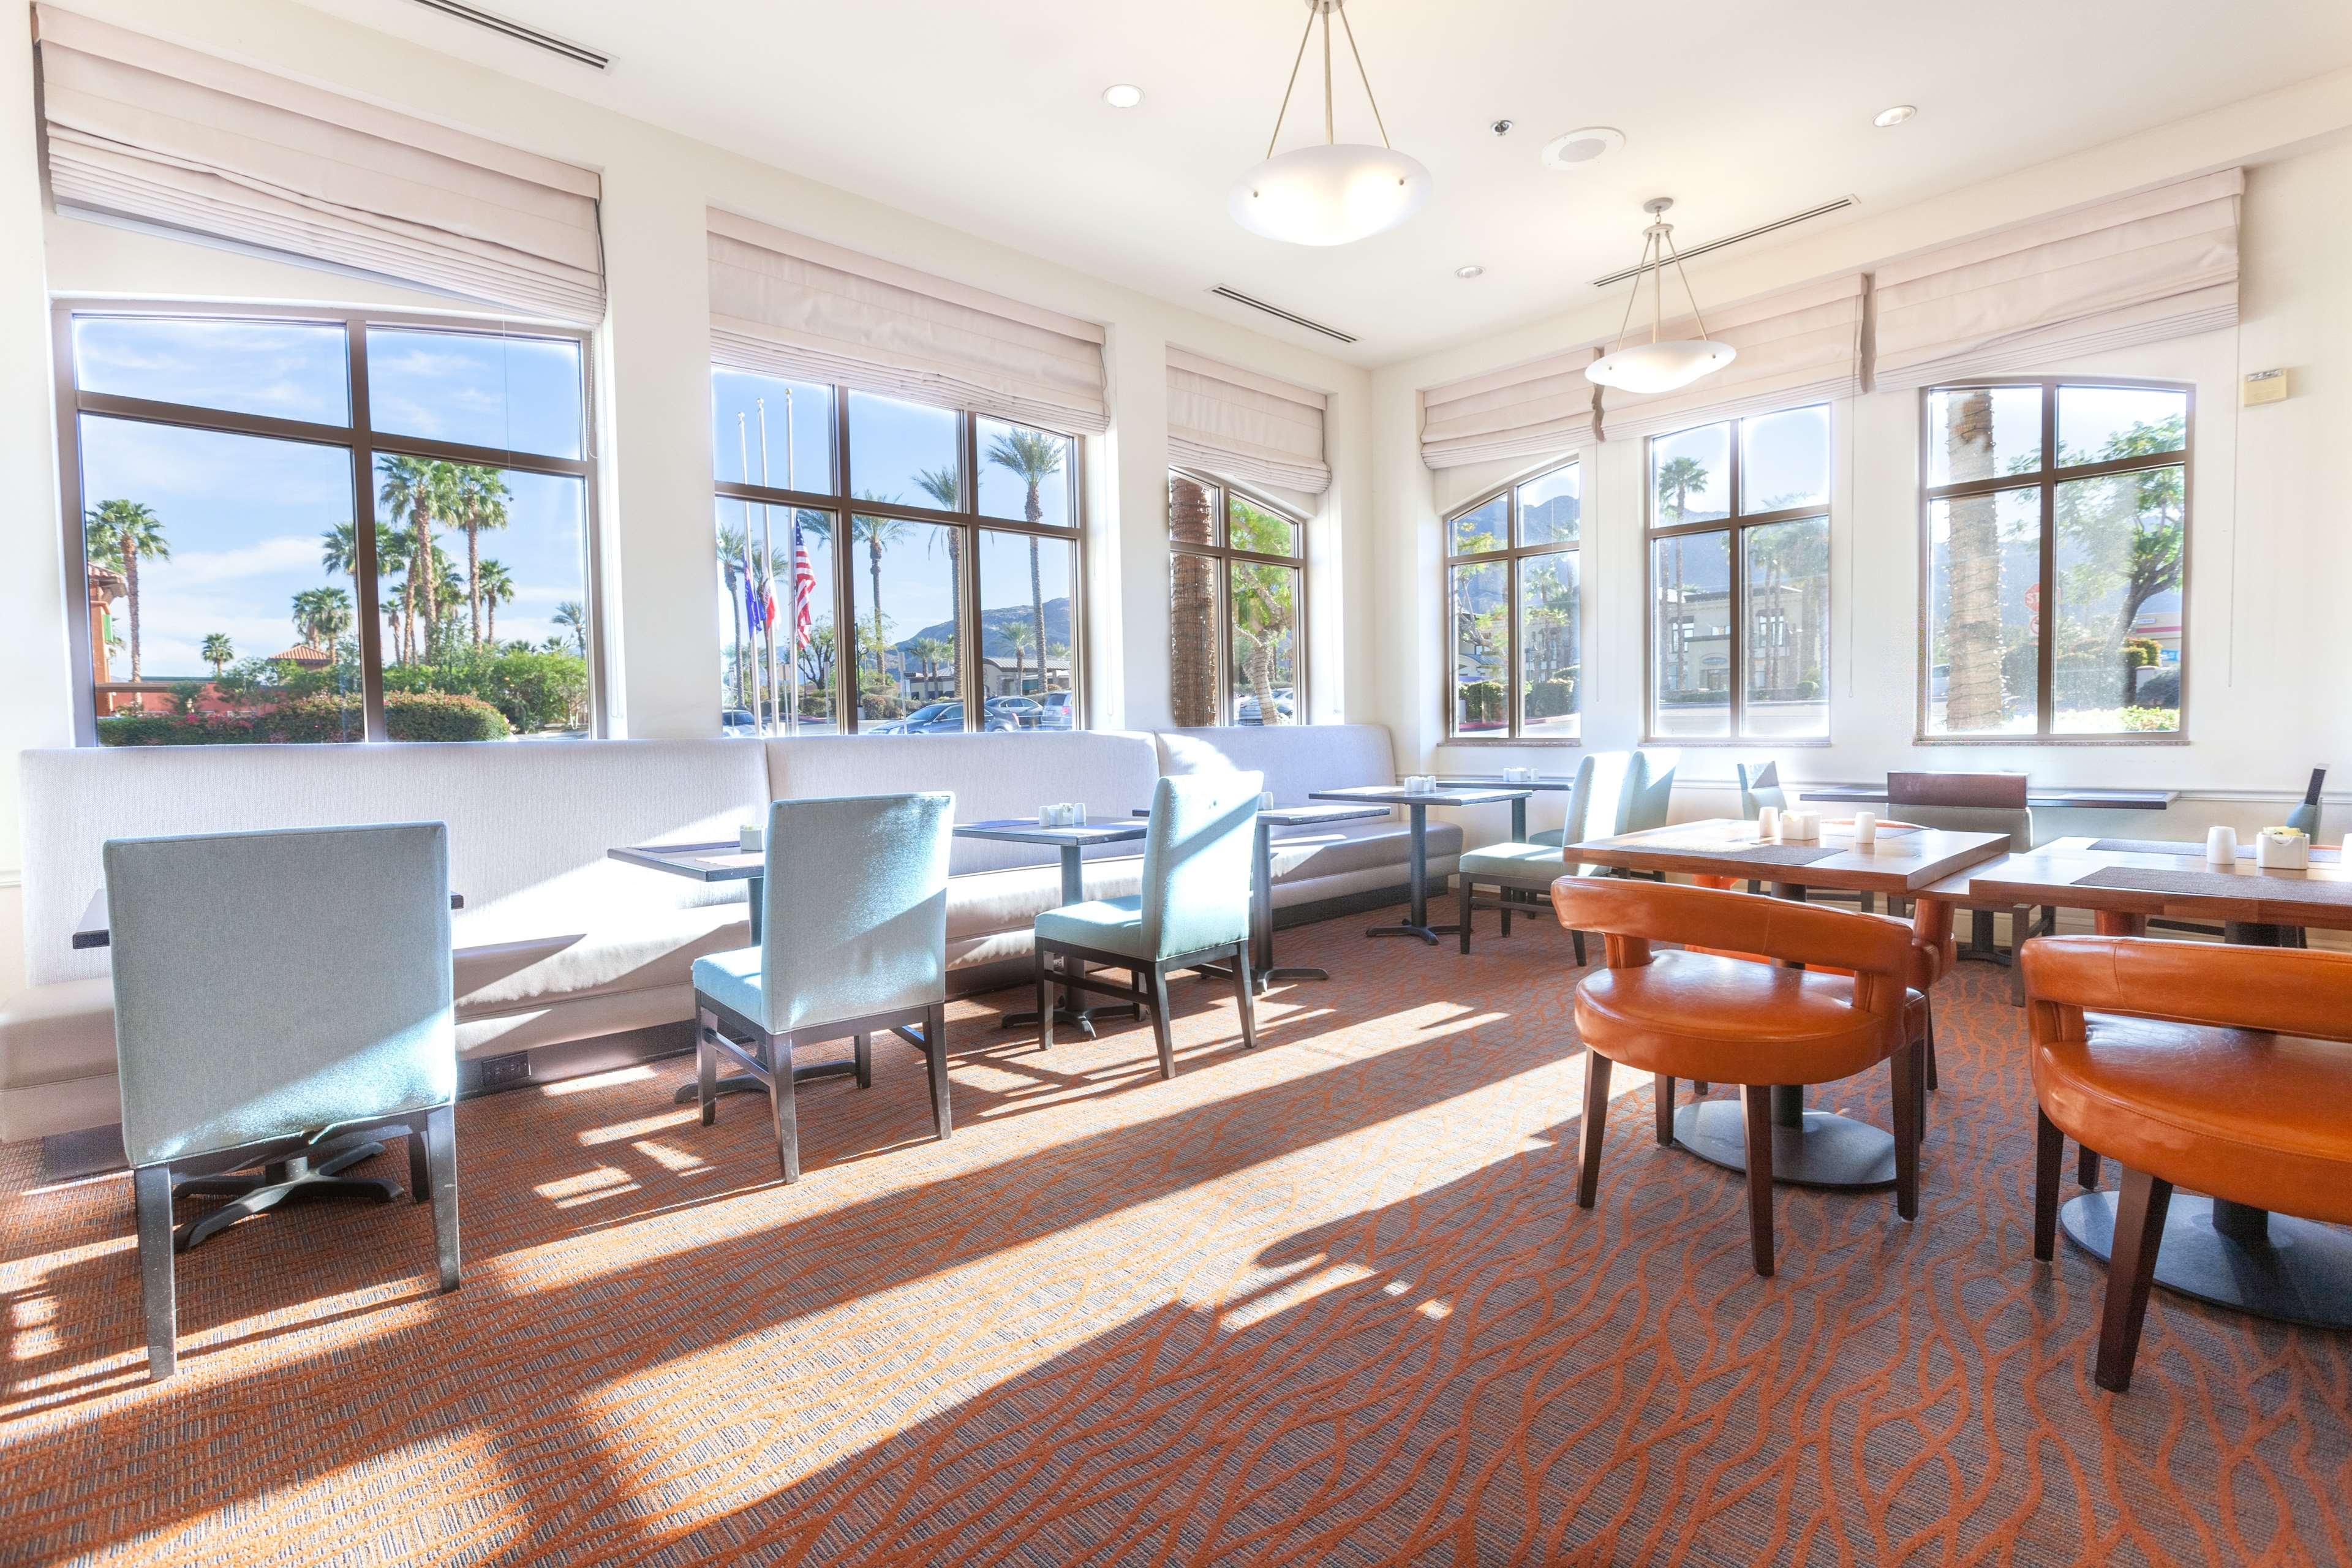 Hilton Garden Inn Palm Springs/Rancho Mirage image 10